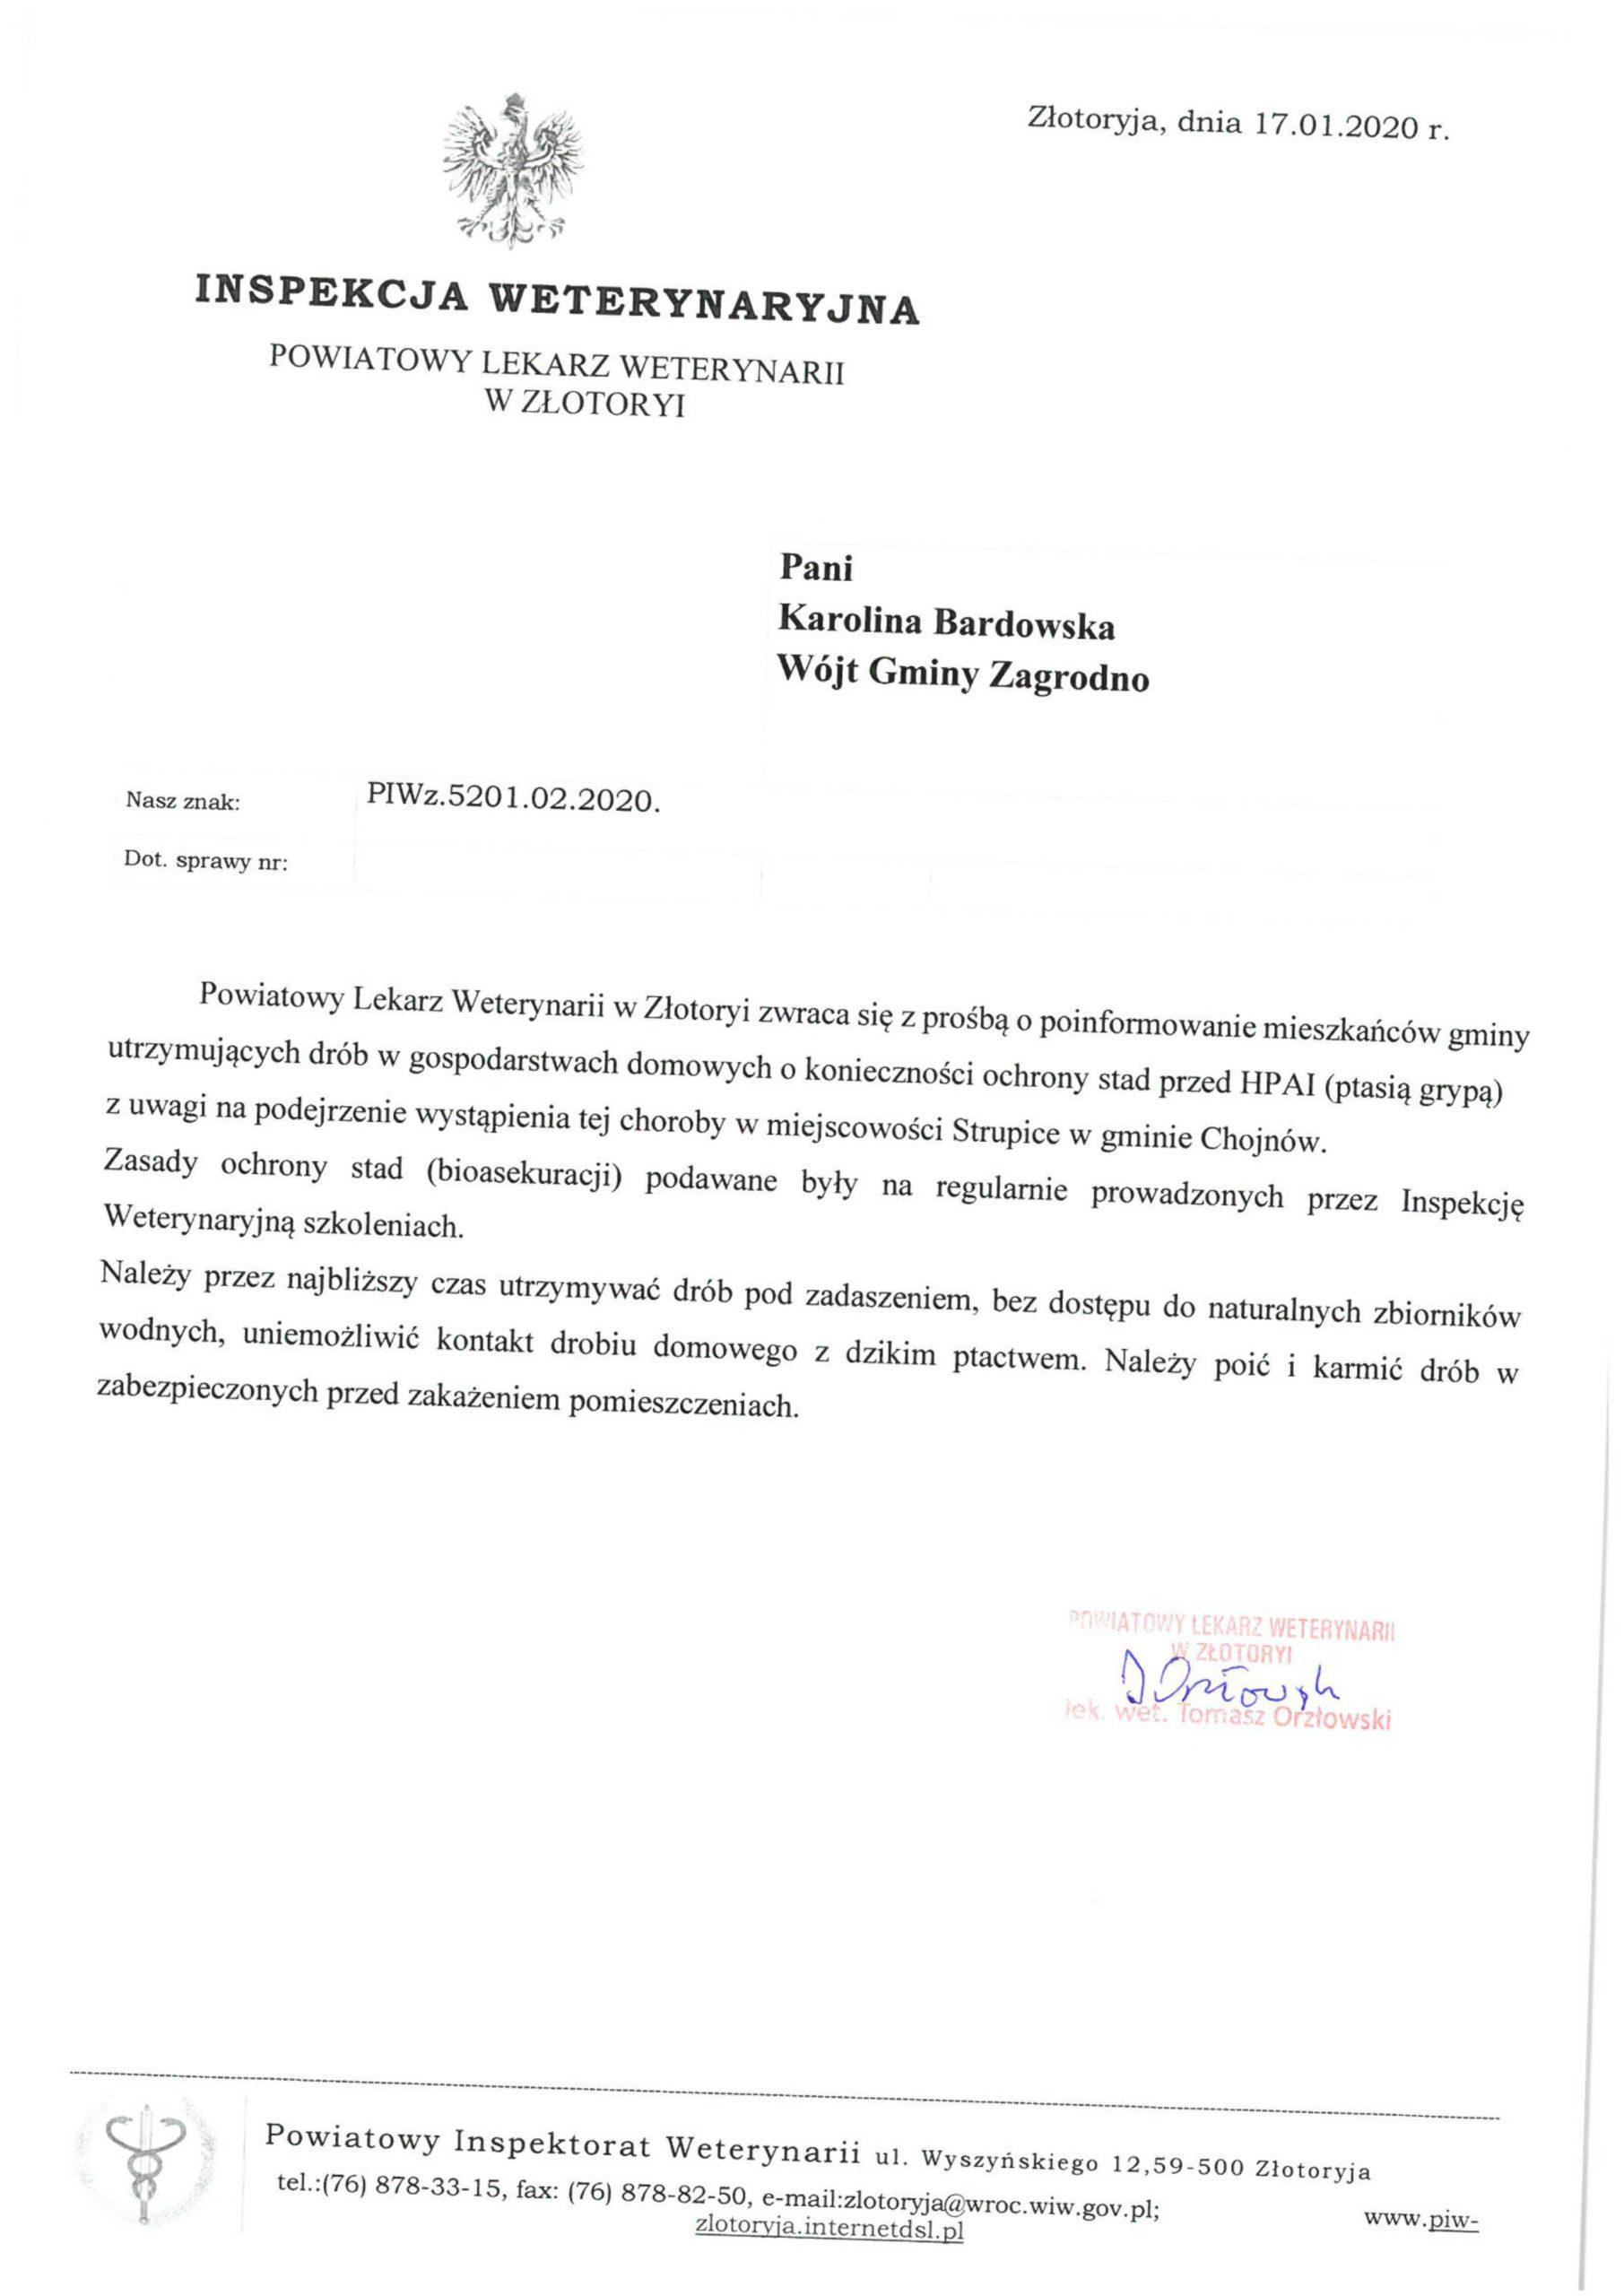 Wójt Gminy informuje o podejrzeniu Ptasiej Grypy w Strupicach (Gmina Chojnów) !